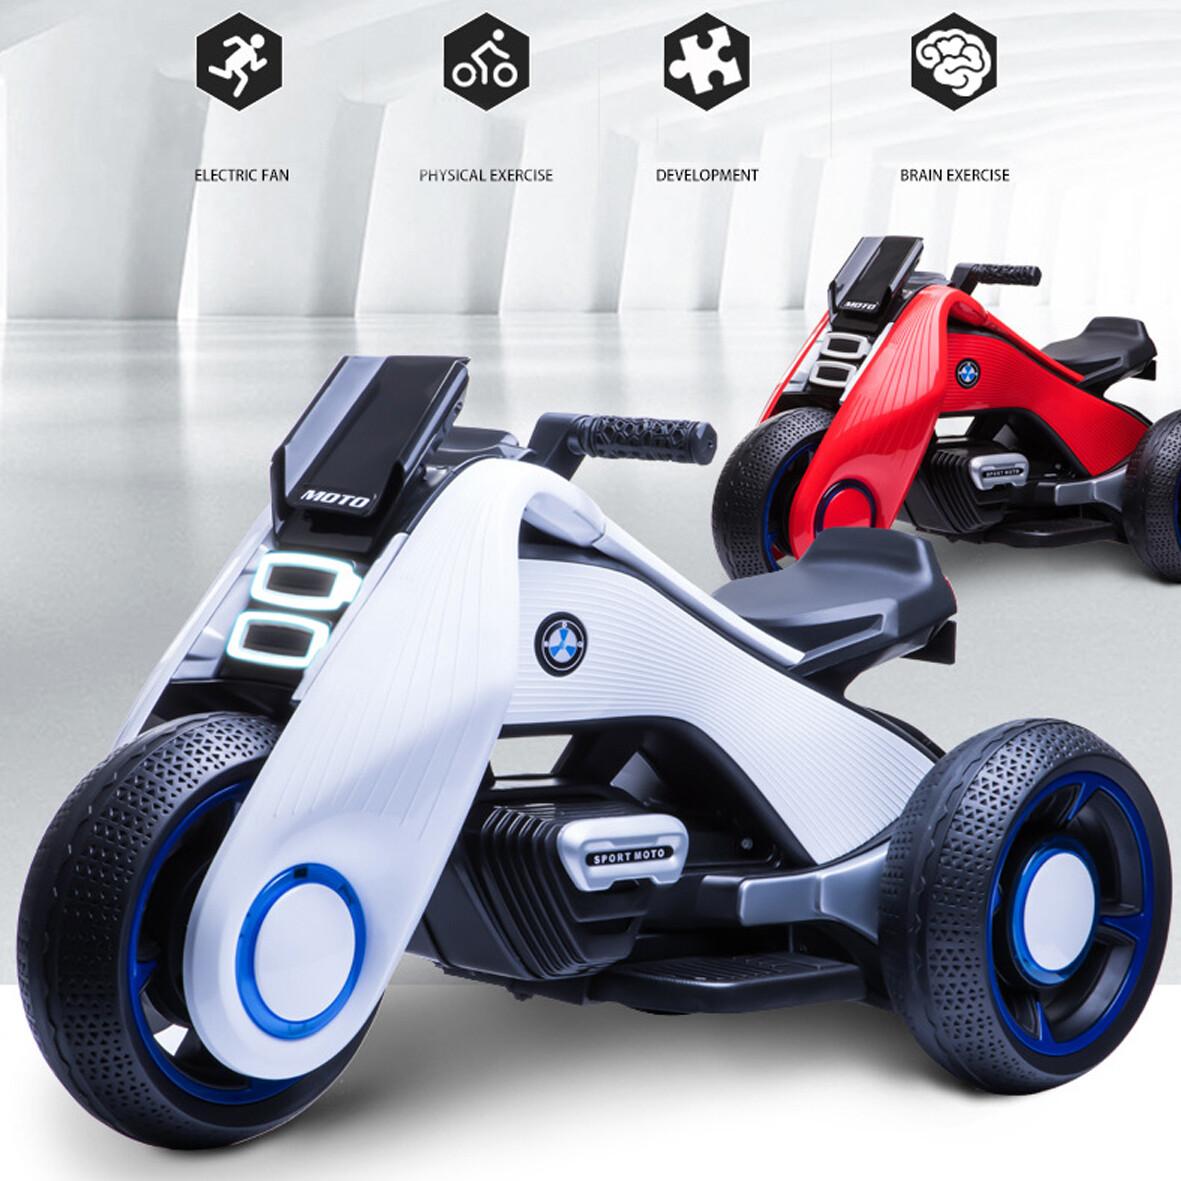 MOTO ELECTRICA MODELO FUTURISTA | LED | USB | MUSICA | COLORES